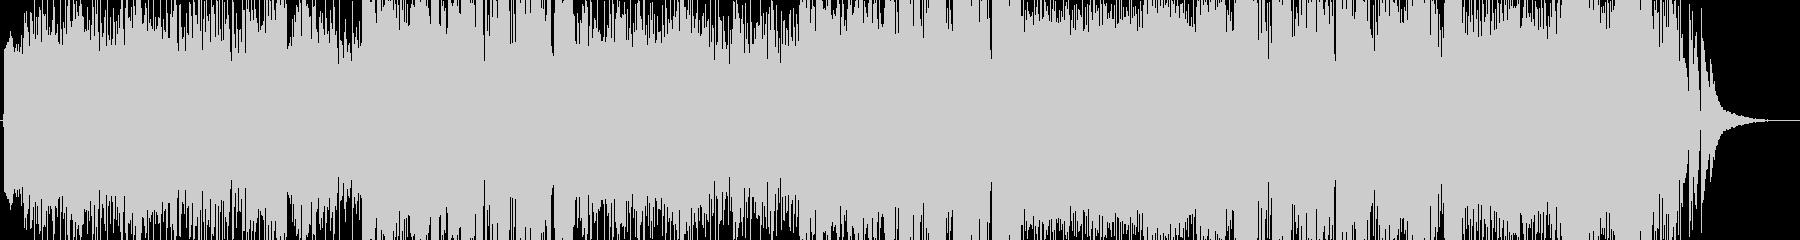 気高きウィンターズ・スカイの未再生の波形